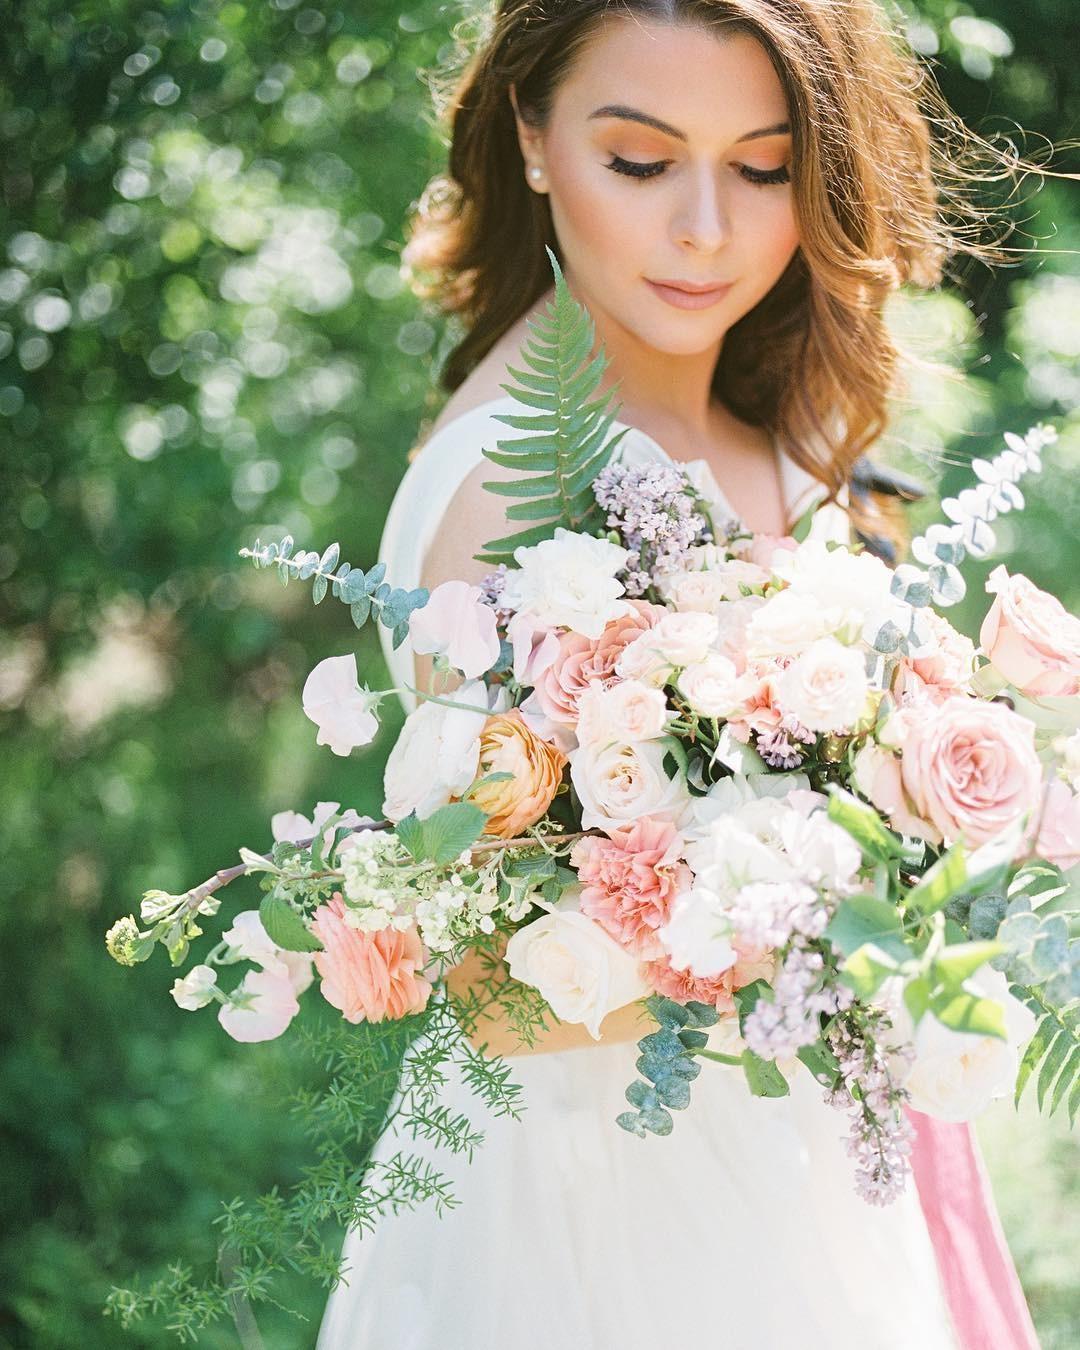 Свадебные букеты для самых красивых невест: модные тенденции 2019 | 16